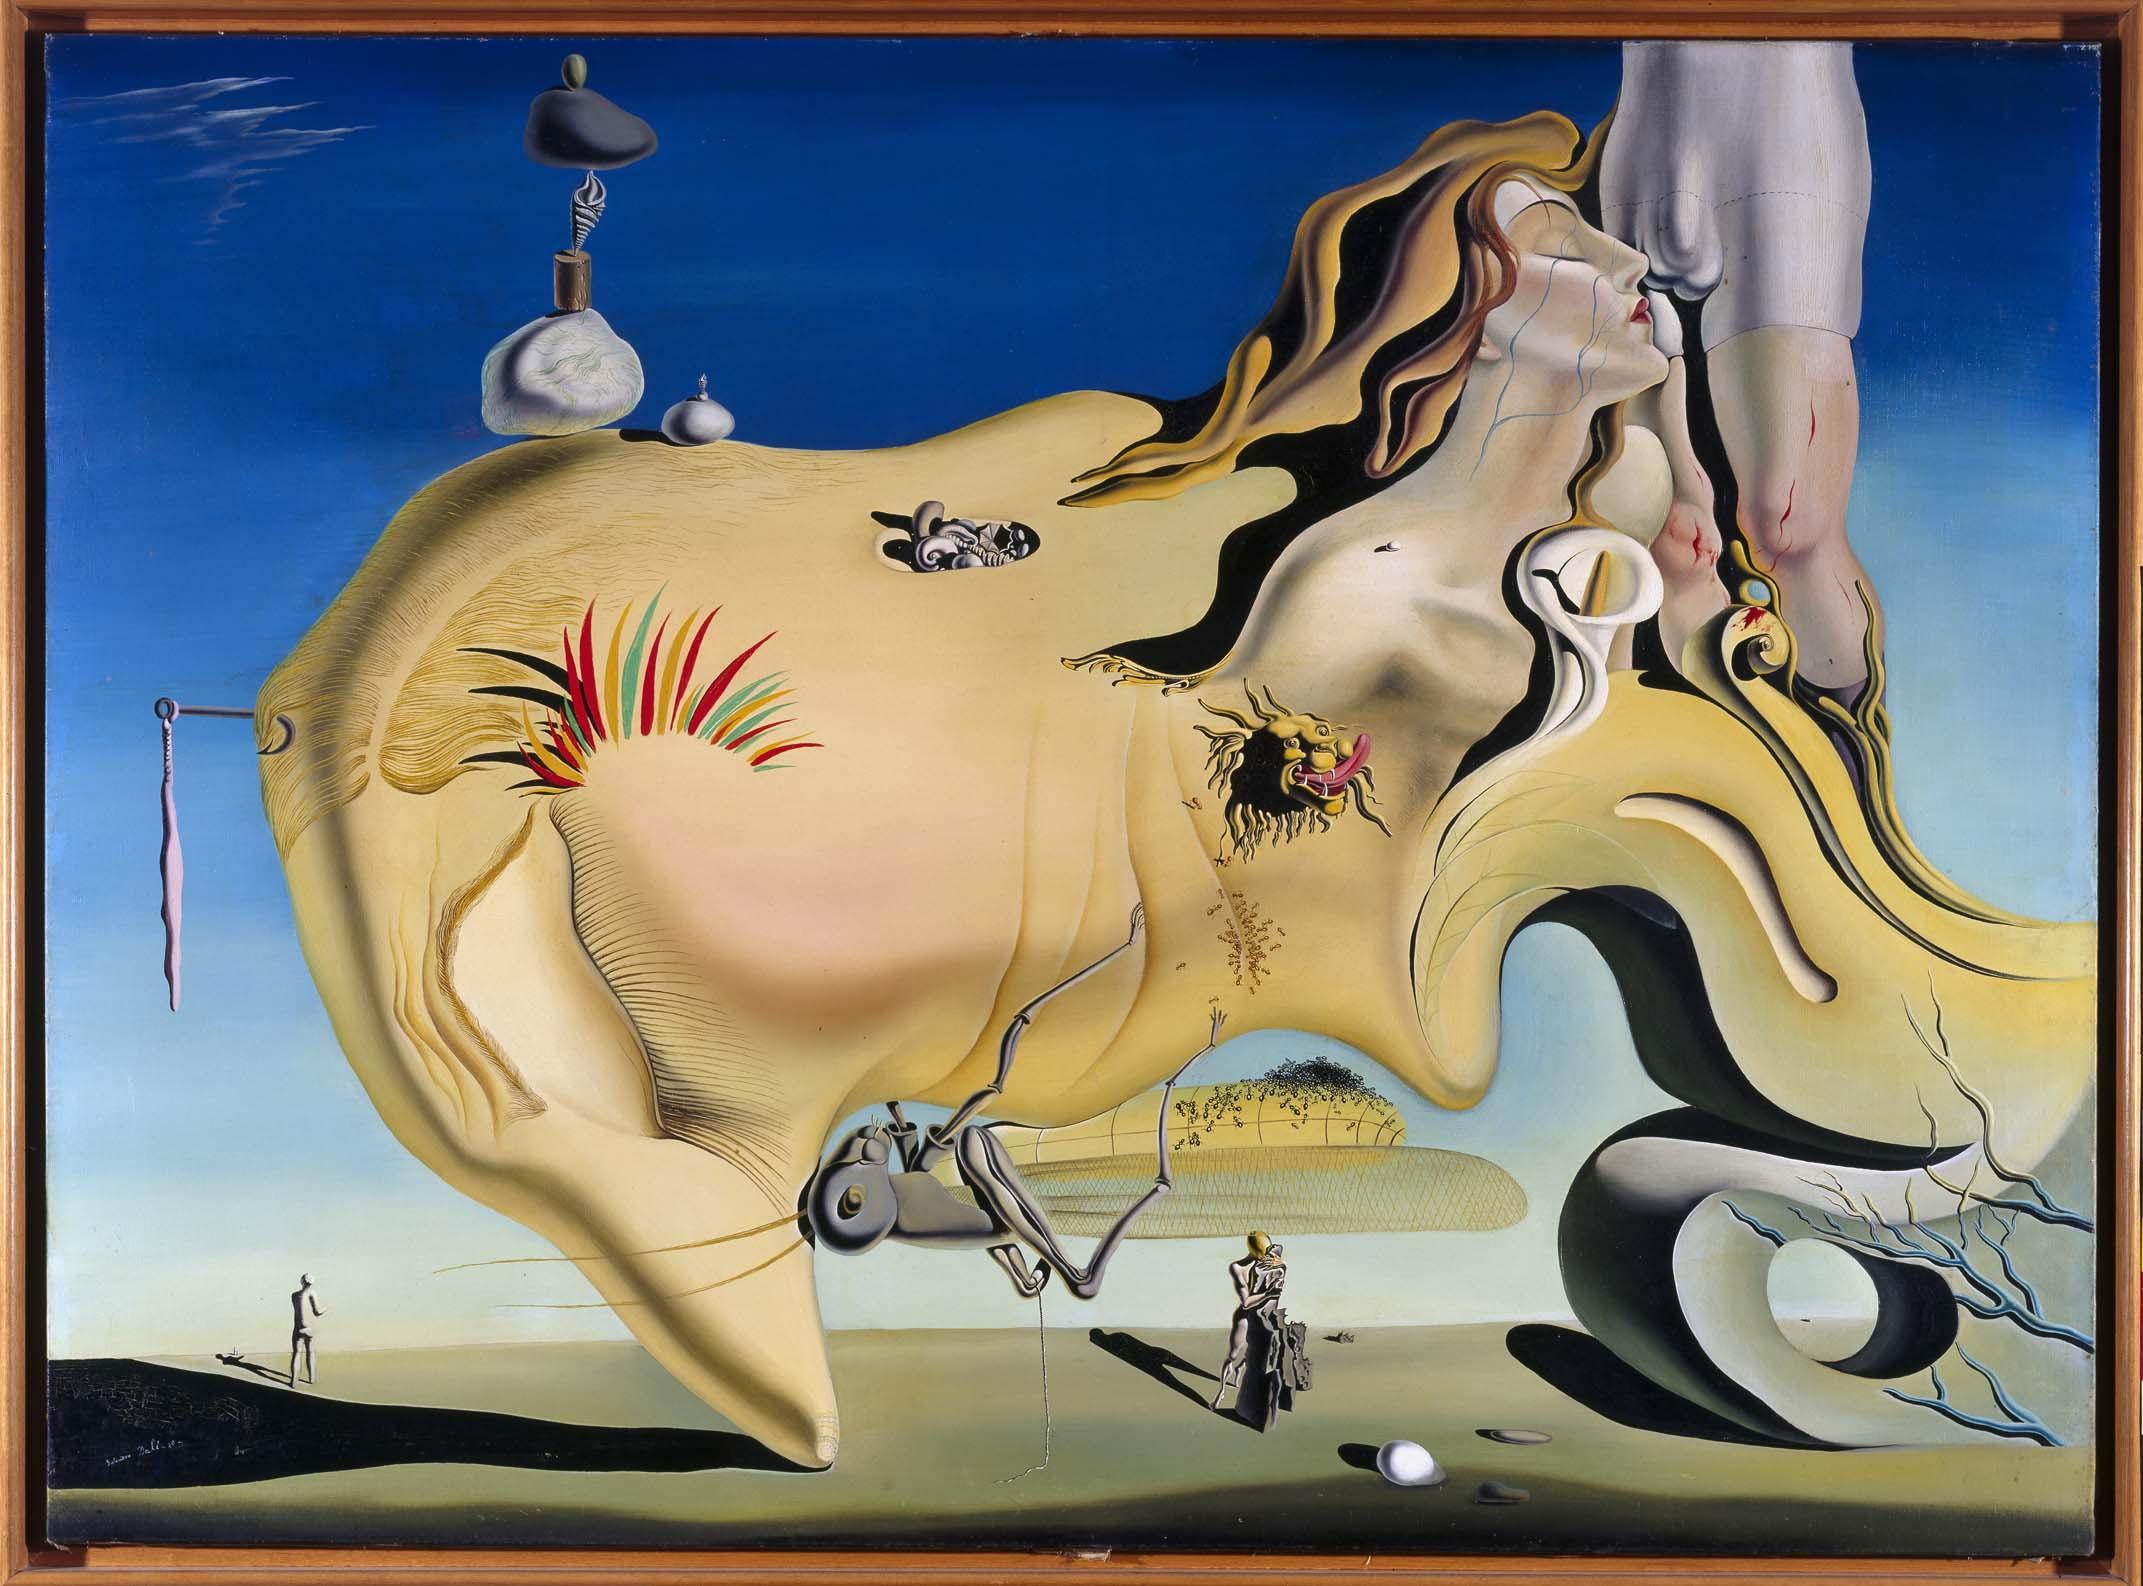 Salvador Dalí - Visage du Grand Masturbateur (Rostro del Gran Masturbador)